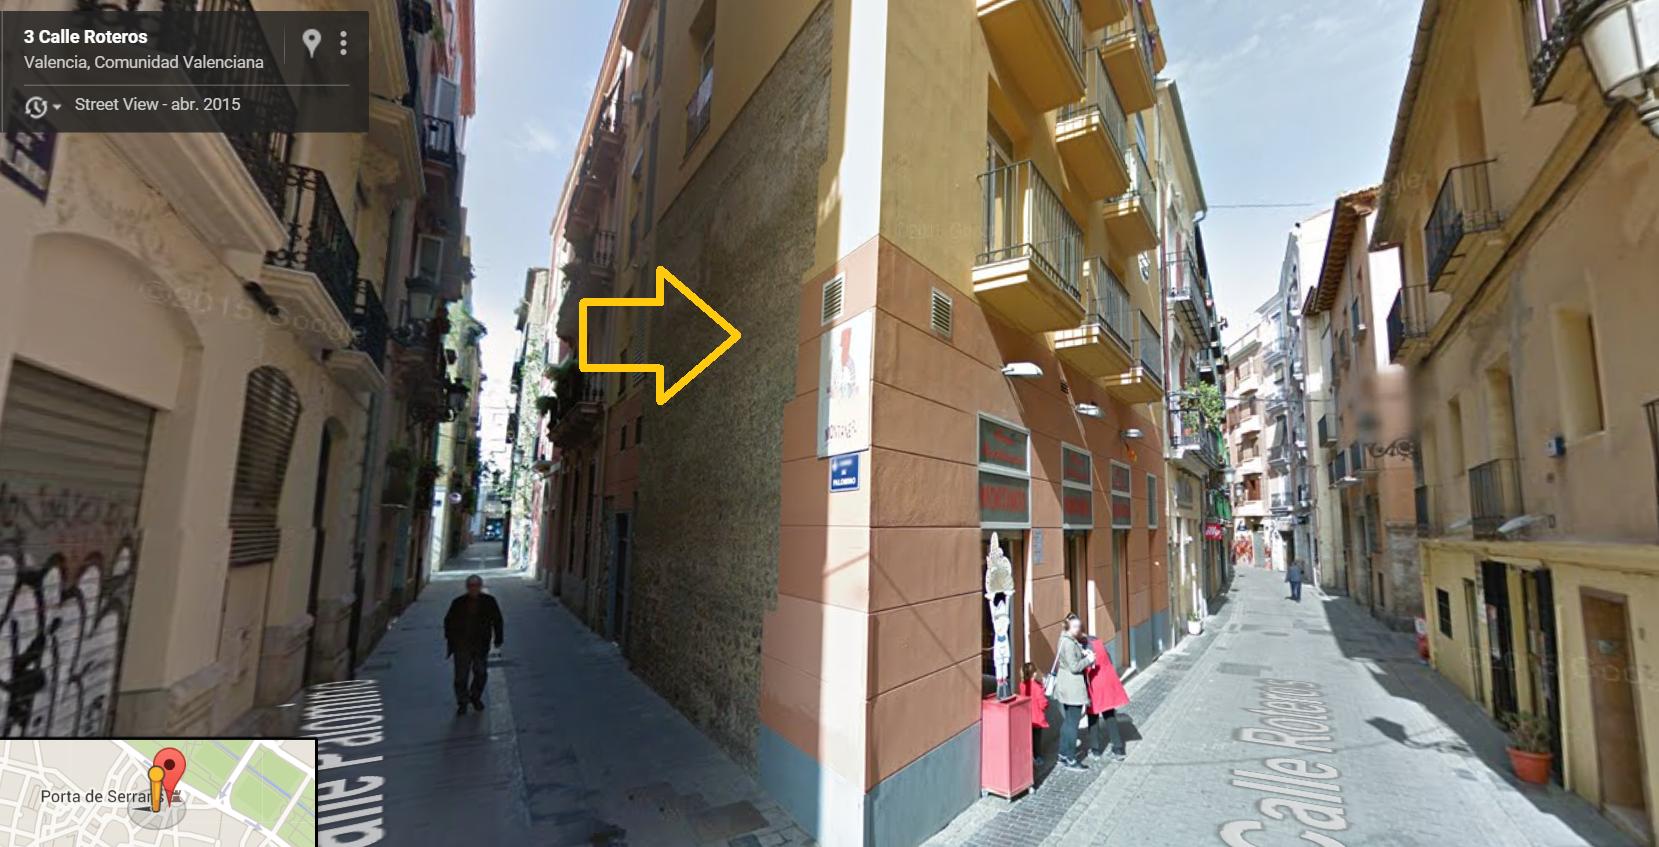 Captura de pantalla de la calle contigua al horno. Al ser ya de noche, facilitamos imagen más clara. Fuente: Google Maps.